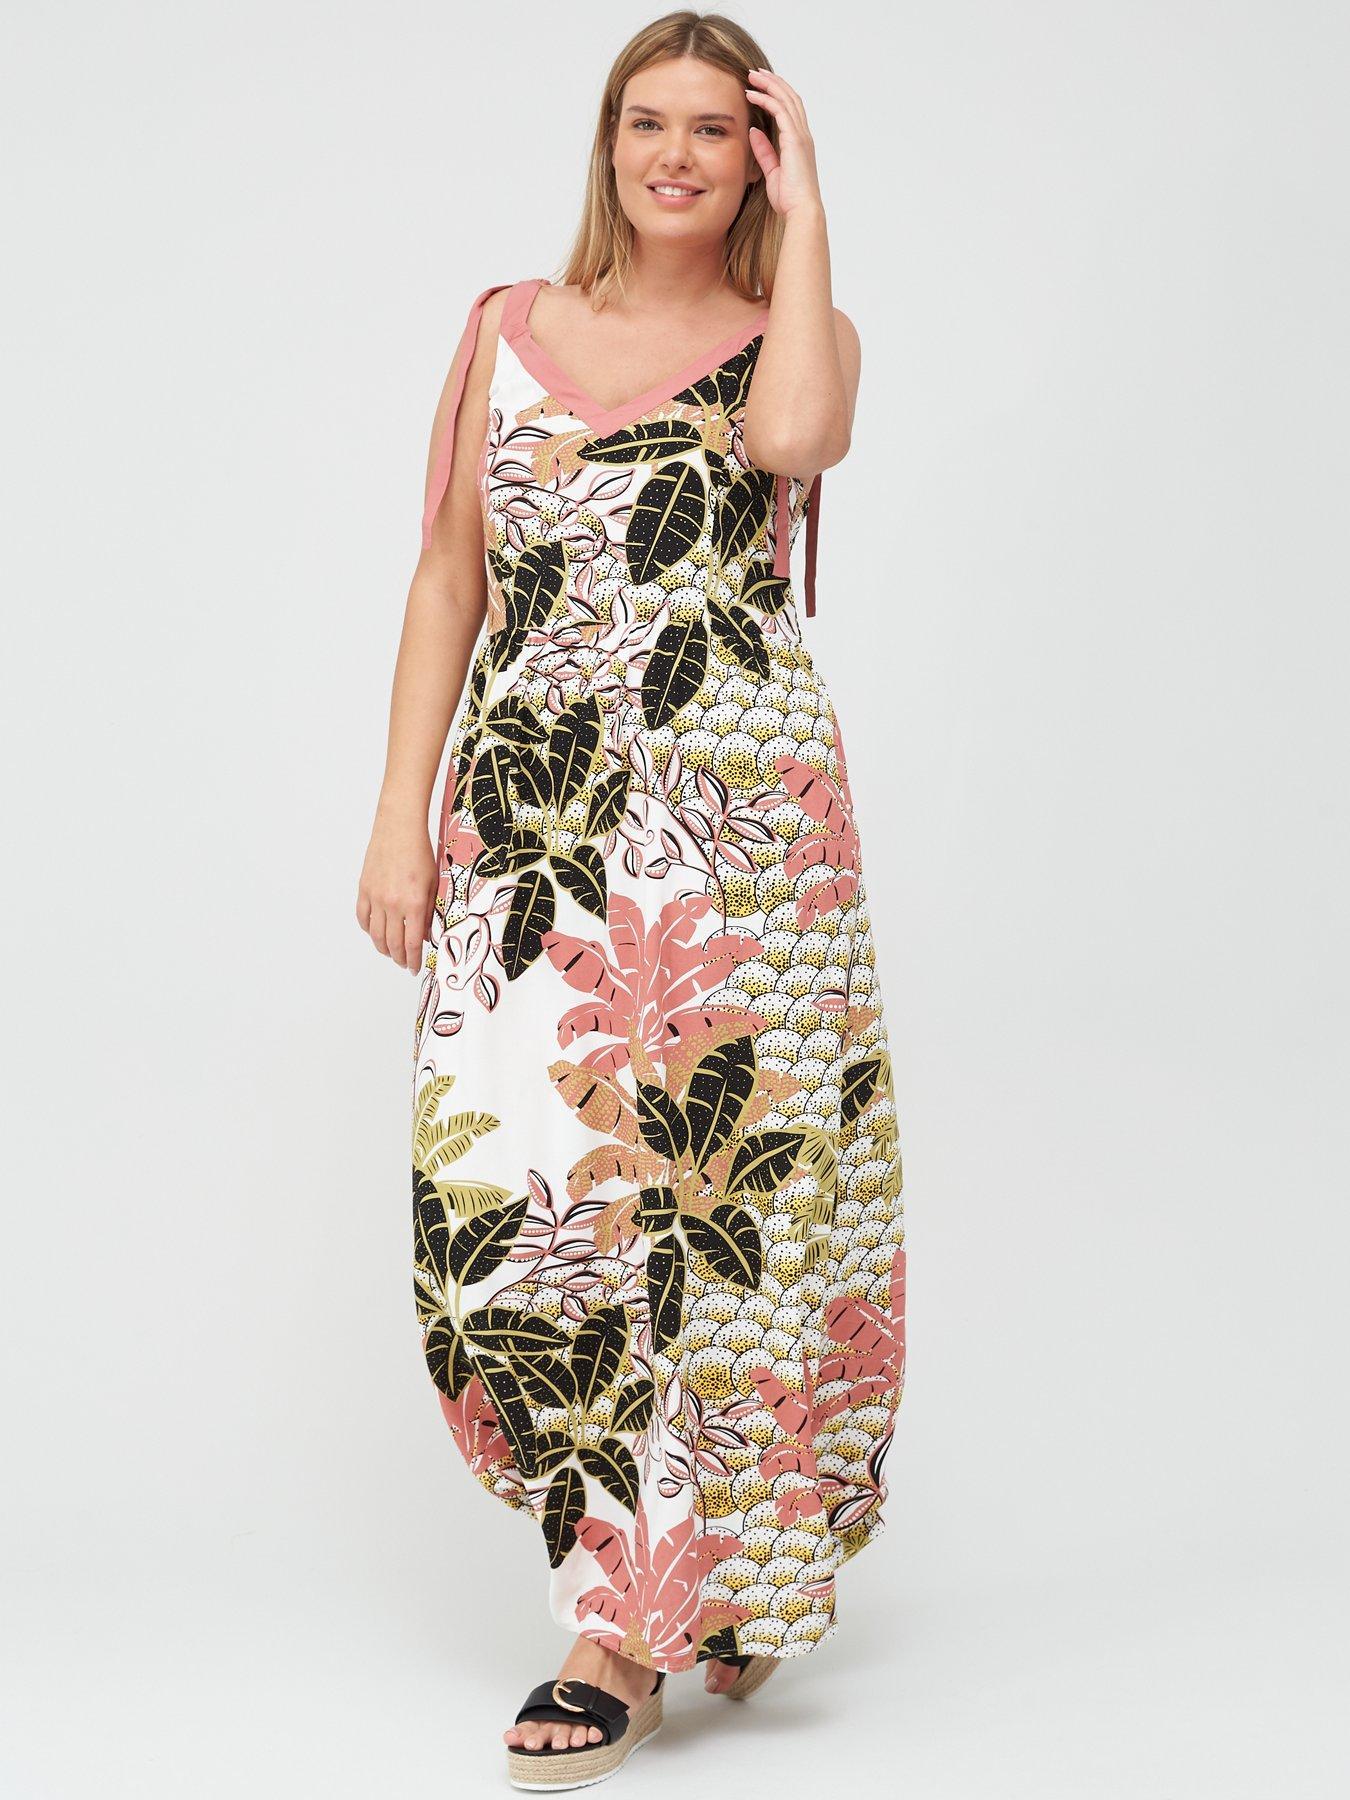 UK Plus Size Fashion Women Off Shoulder  Lace Up Maxi Flowing Floral Print Dress